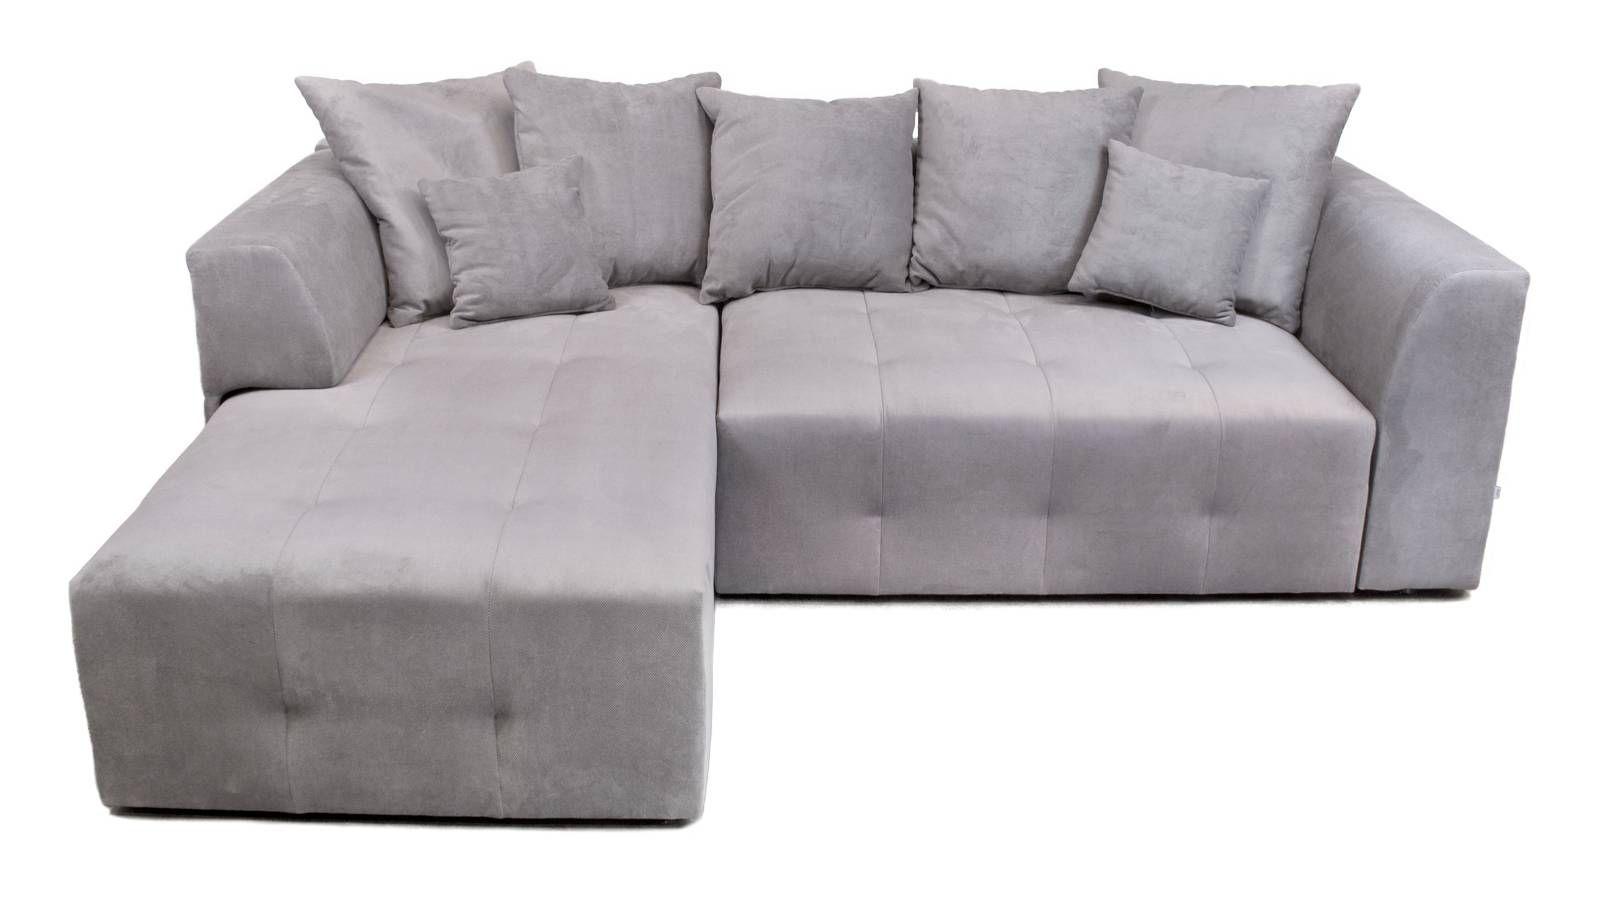 Grå Grizzlyn bäddsoffa med divan Divansoffa, compact living, sovrum, vardagsrum, silver, djup